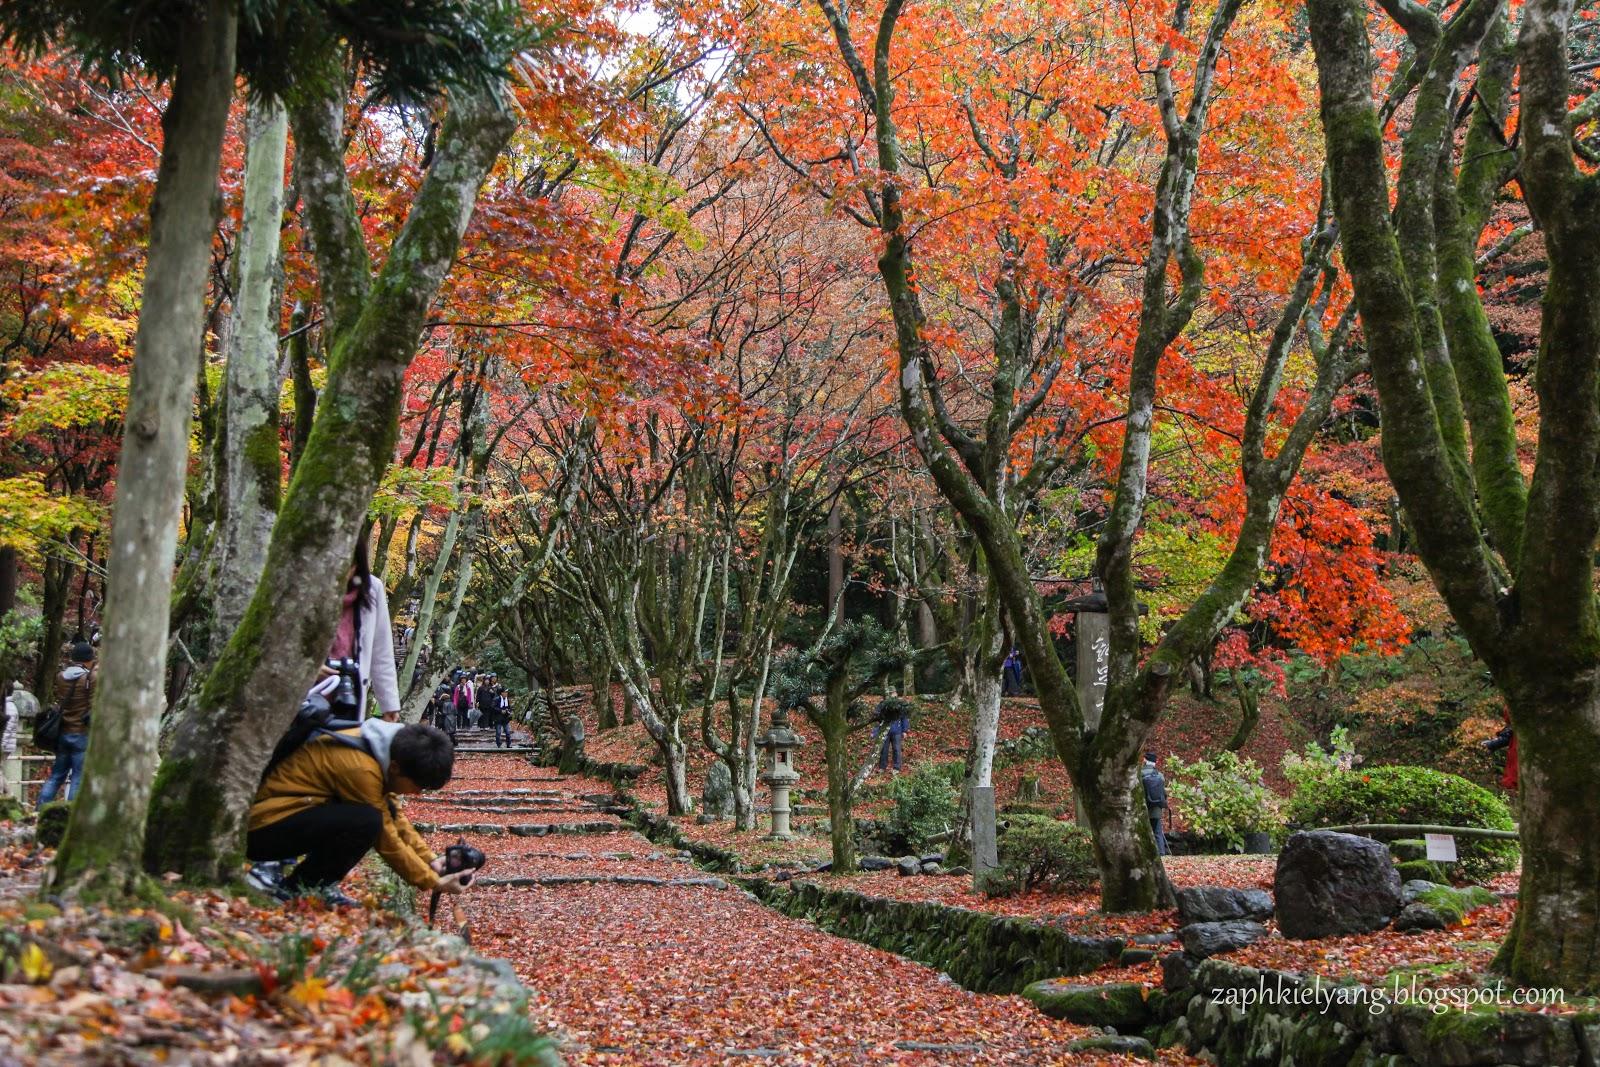 【日本 滋賀】日本關西秋季賞楓之旅 - 滋賀湖北紅葉名所木之本雞足寺